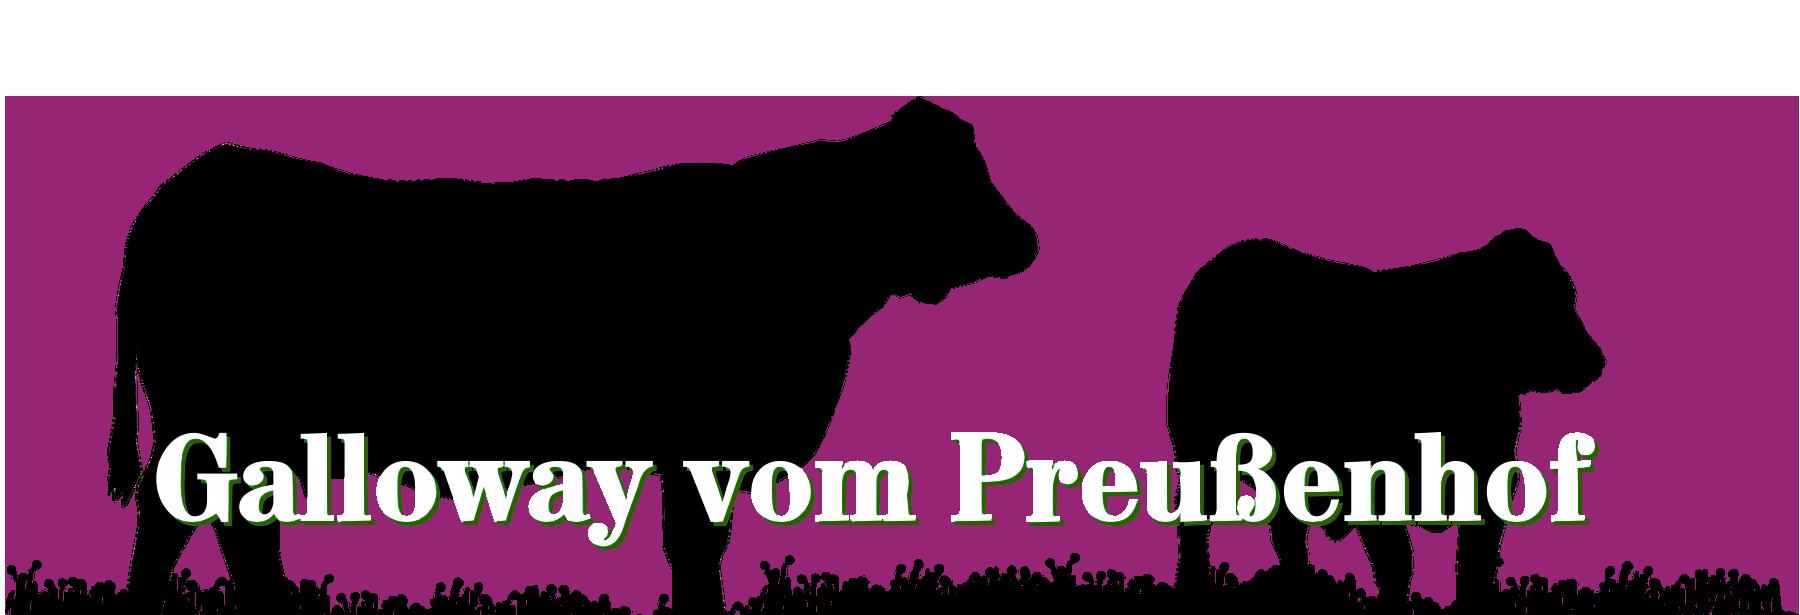 Galloway vom Preußenhof | 16909 Heiligengrabe